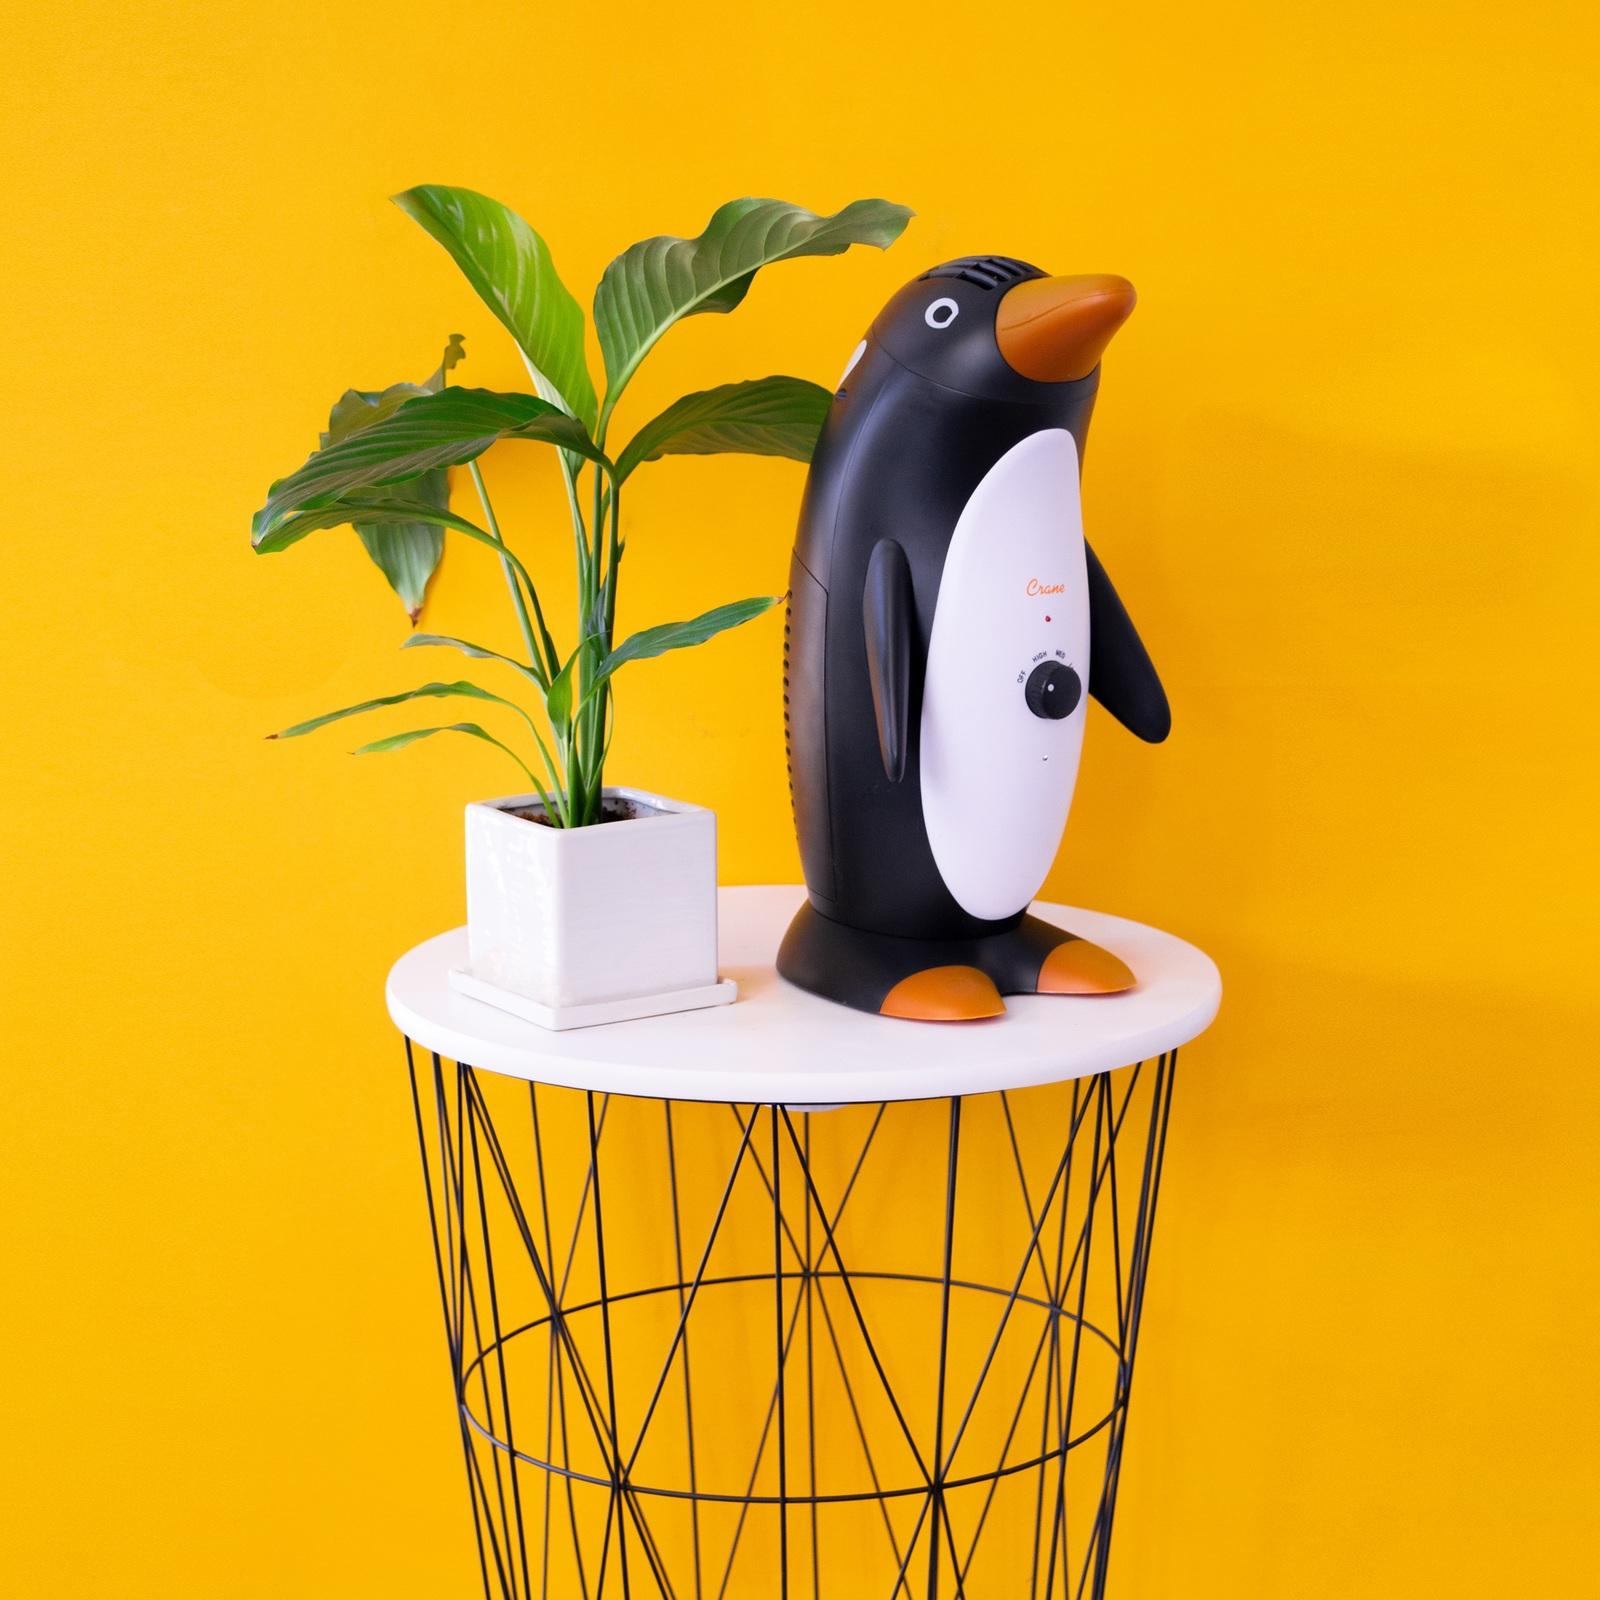 Crane: Air Purifier - Penguin image